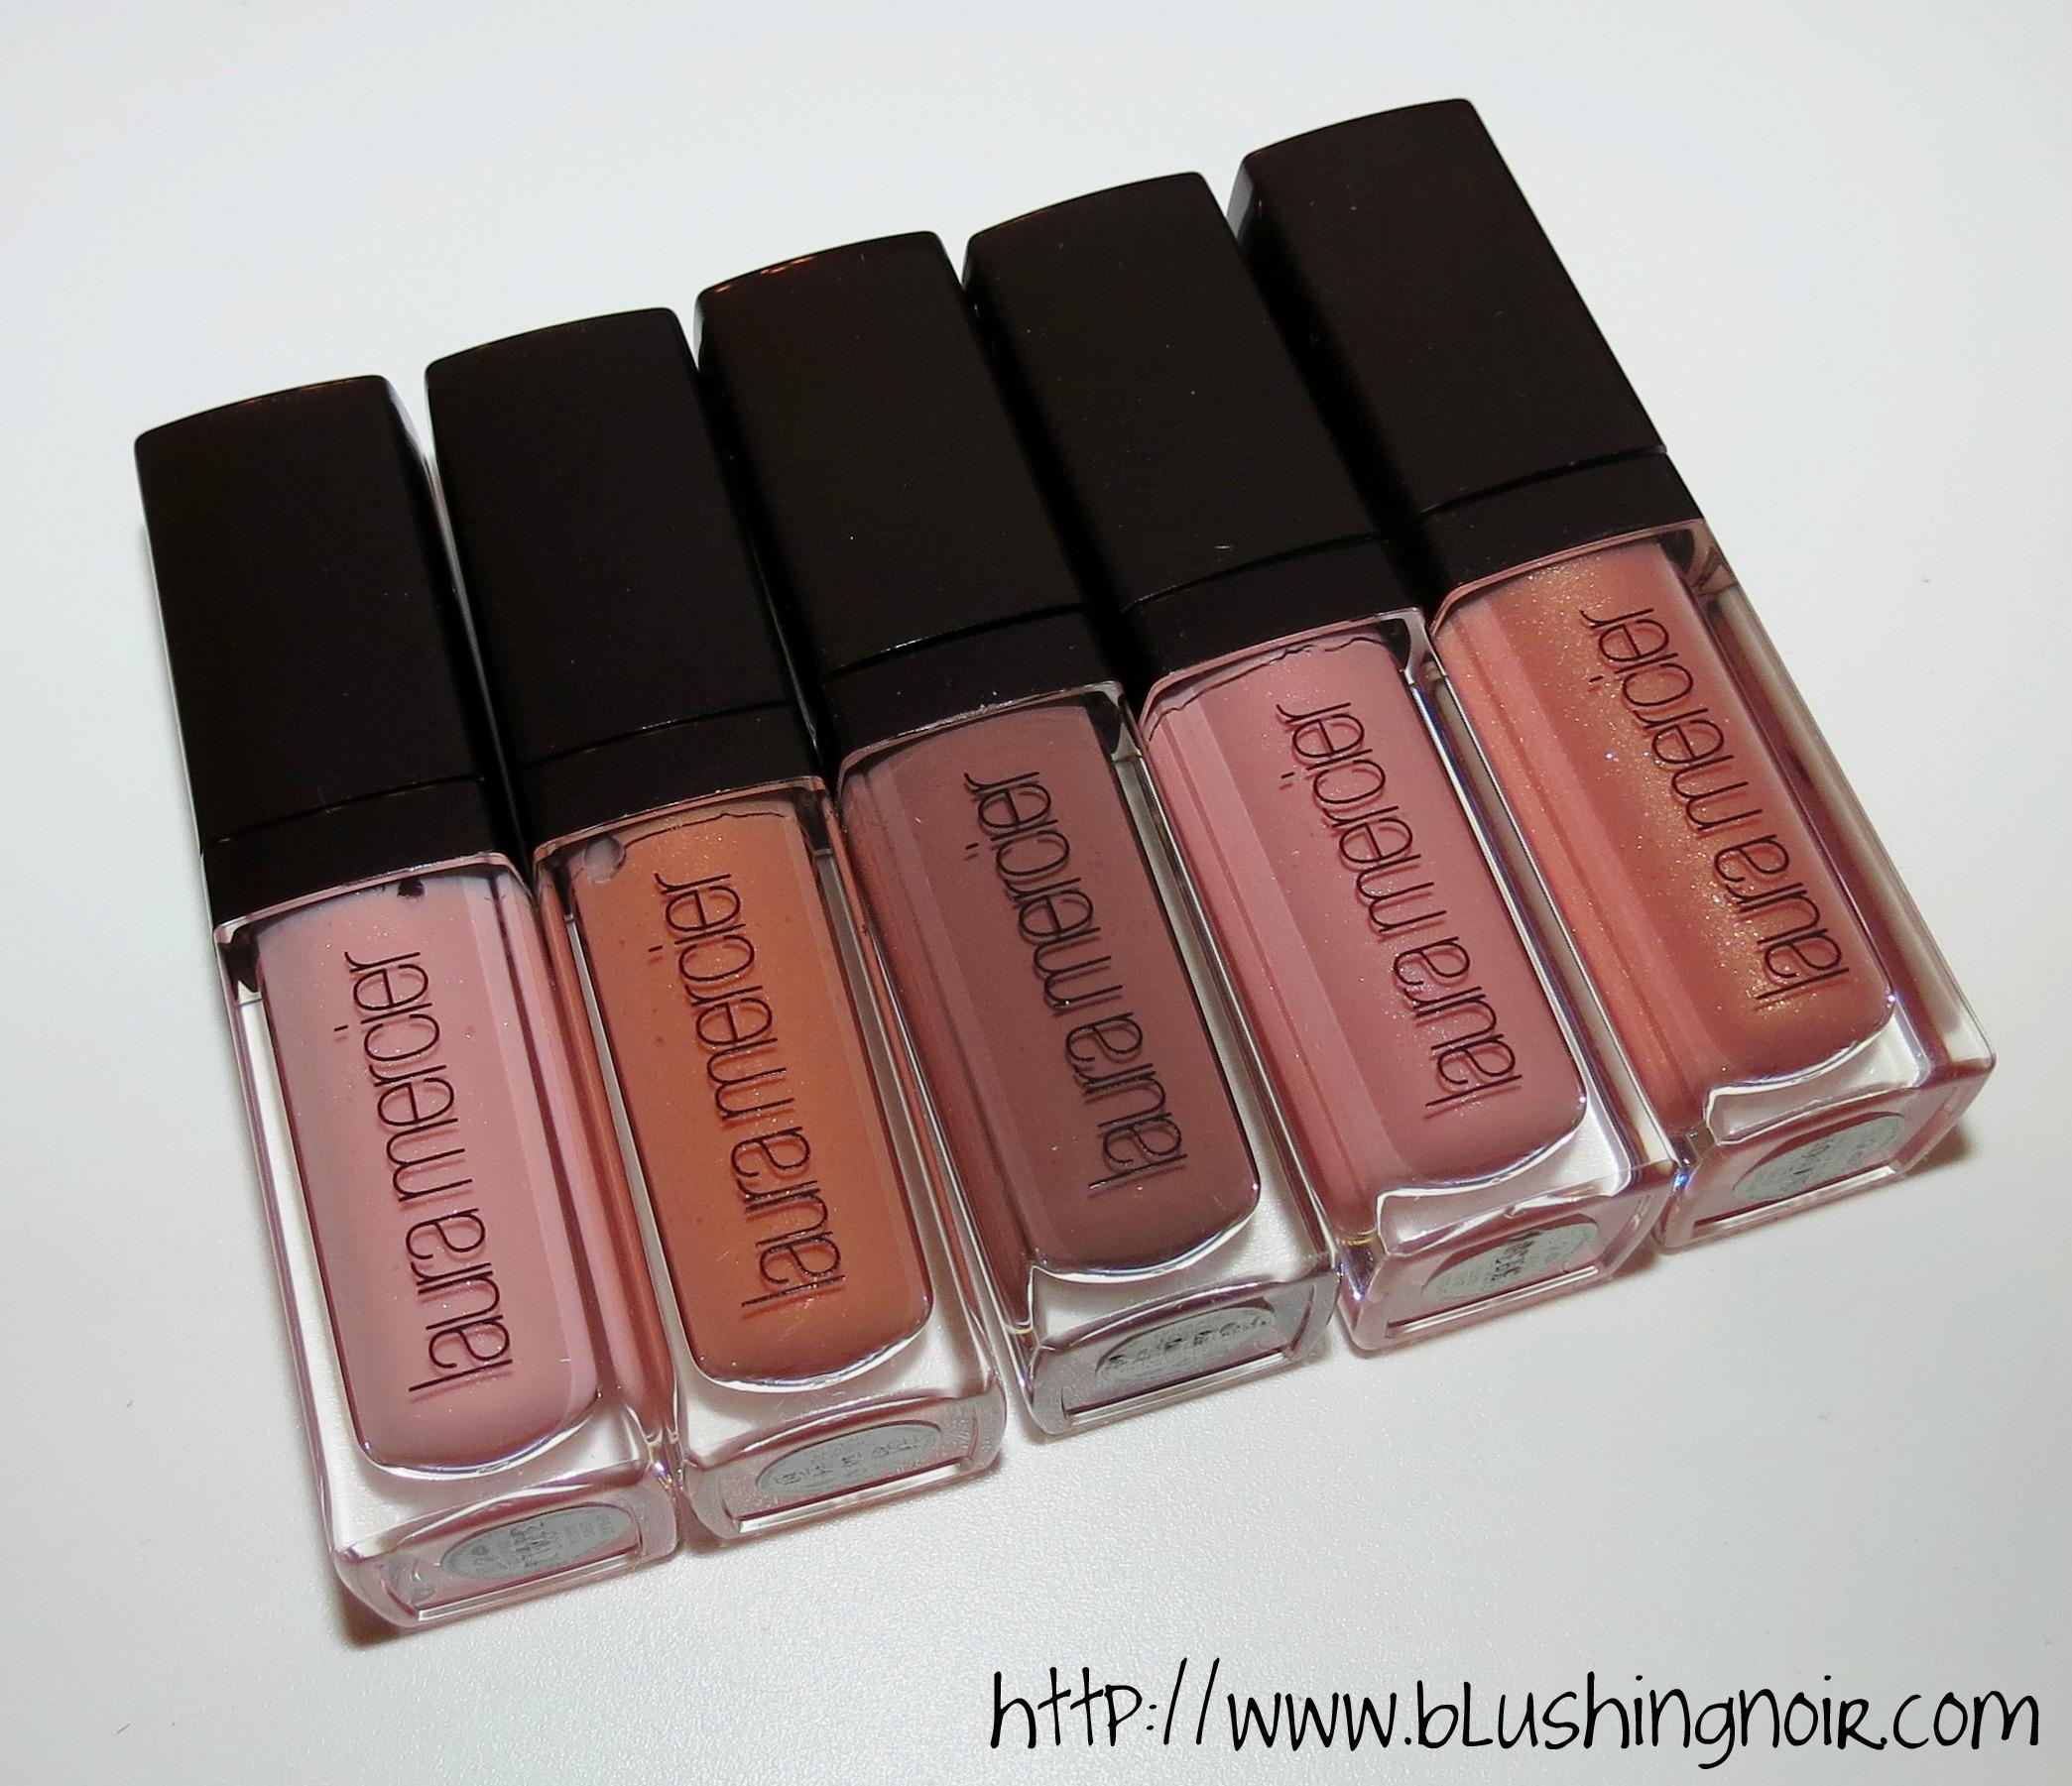 Laura Mercier Bare Nudes Mini Lip Glac 233 Set Swatches